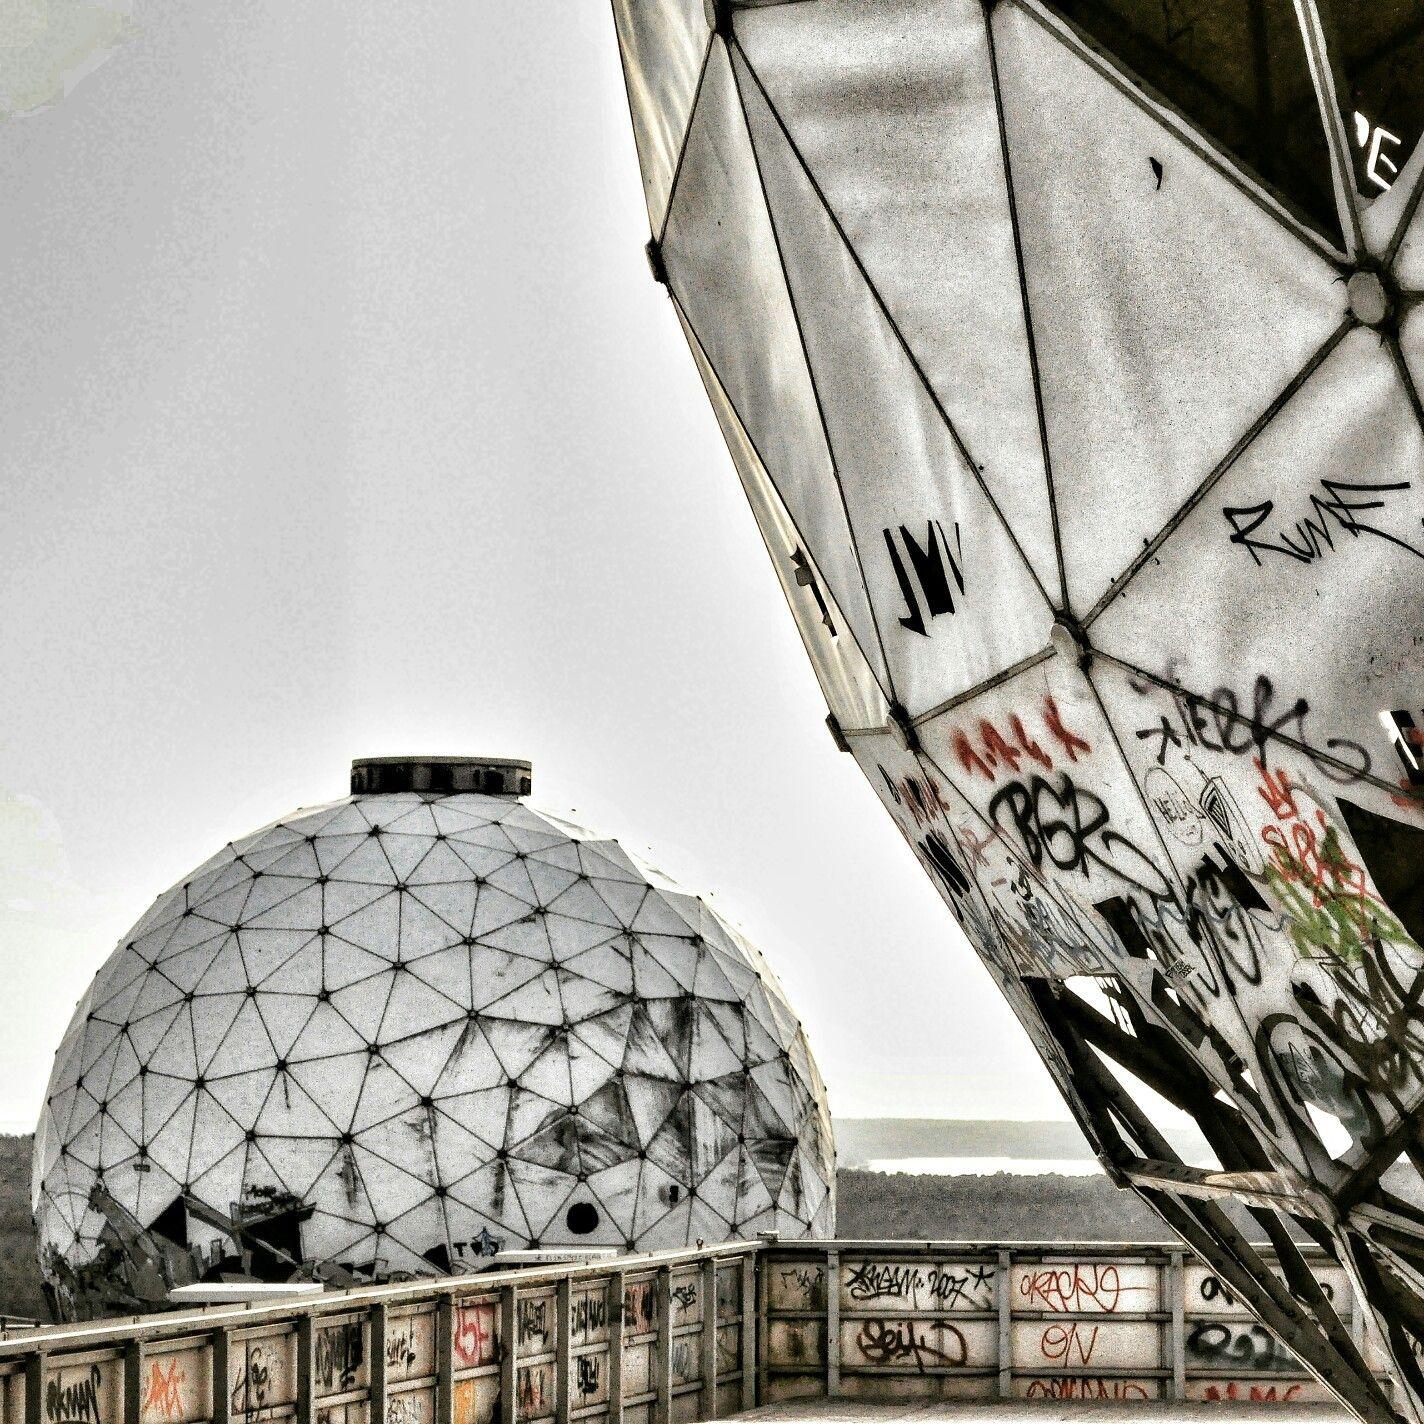 Kugeln der Freiheit? #Berlin #Teufelsberg #Drachenberg #Grunewald #Abhörstation #verlassen #abandoned